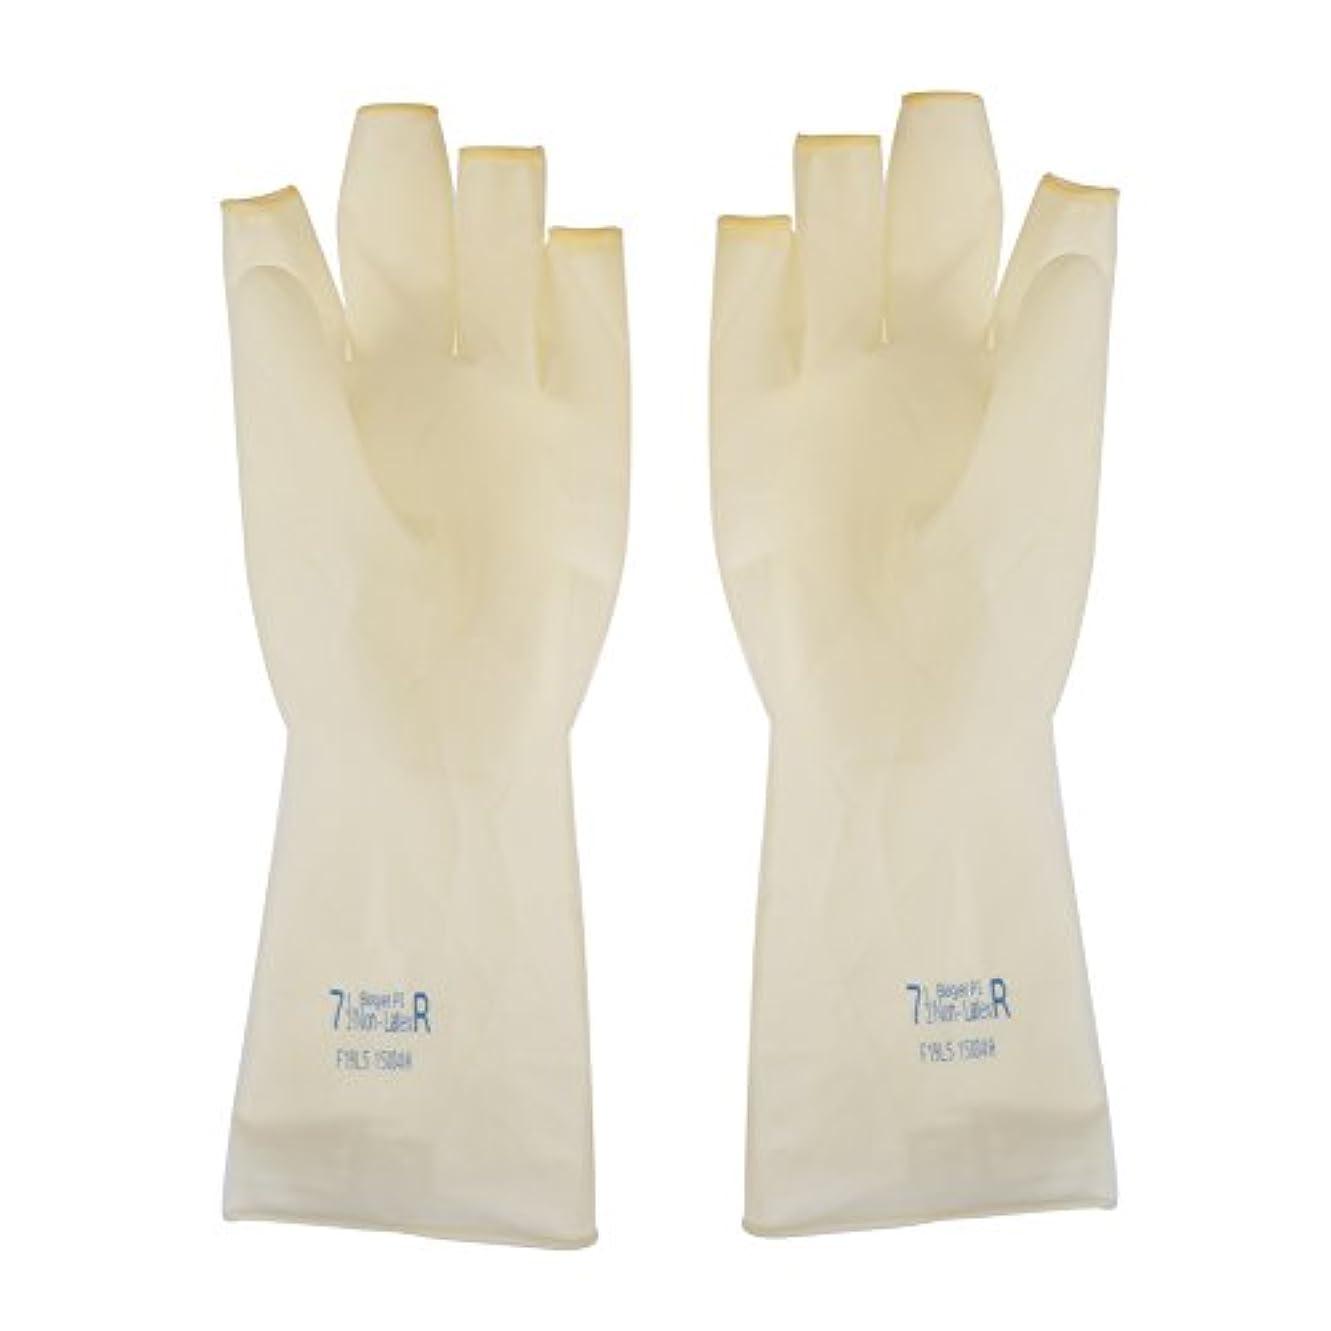 ガム希望に満ちたドメインAEdiea 1ペア ゴム手袋   毛染め手袋 使い捨て 弾性 伸縮性 ヘアサロン サロンツール (M)